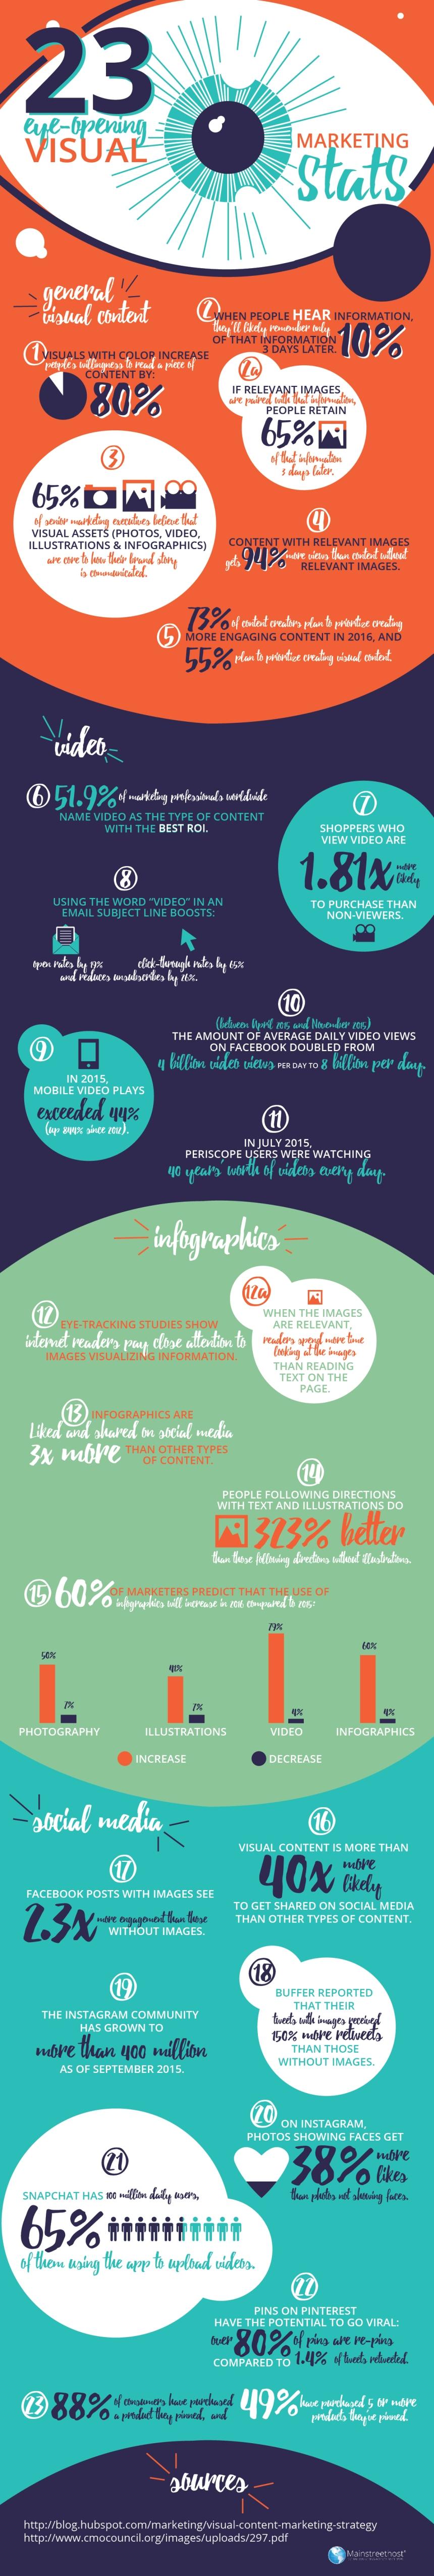 23 estadísticas de Marketing Visual